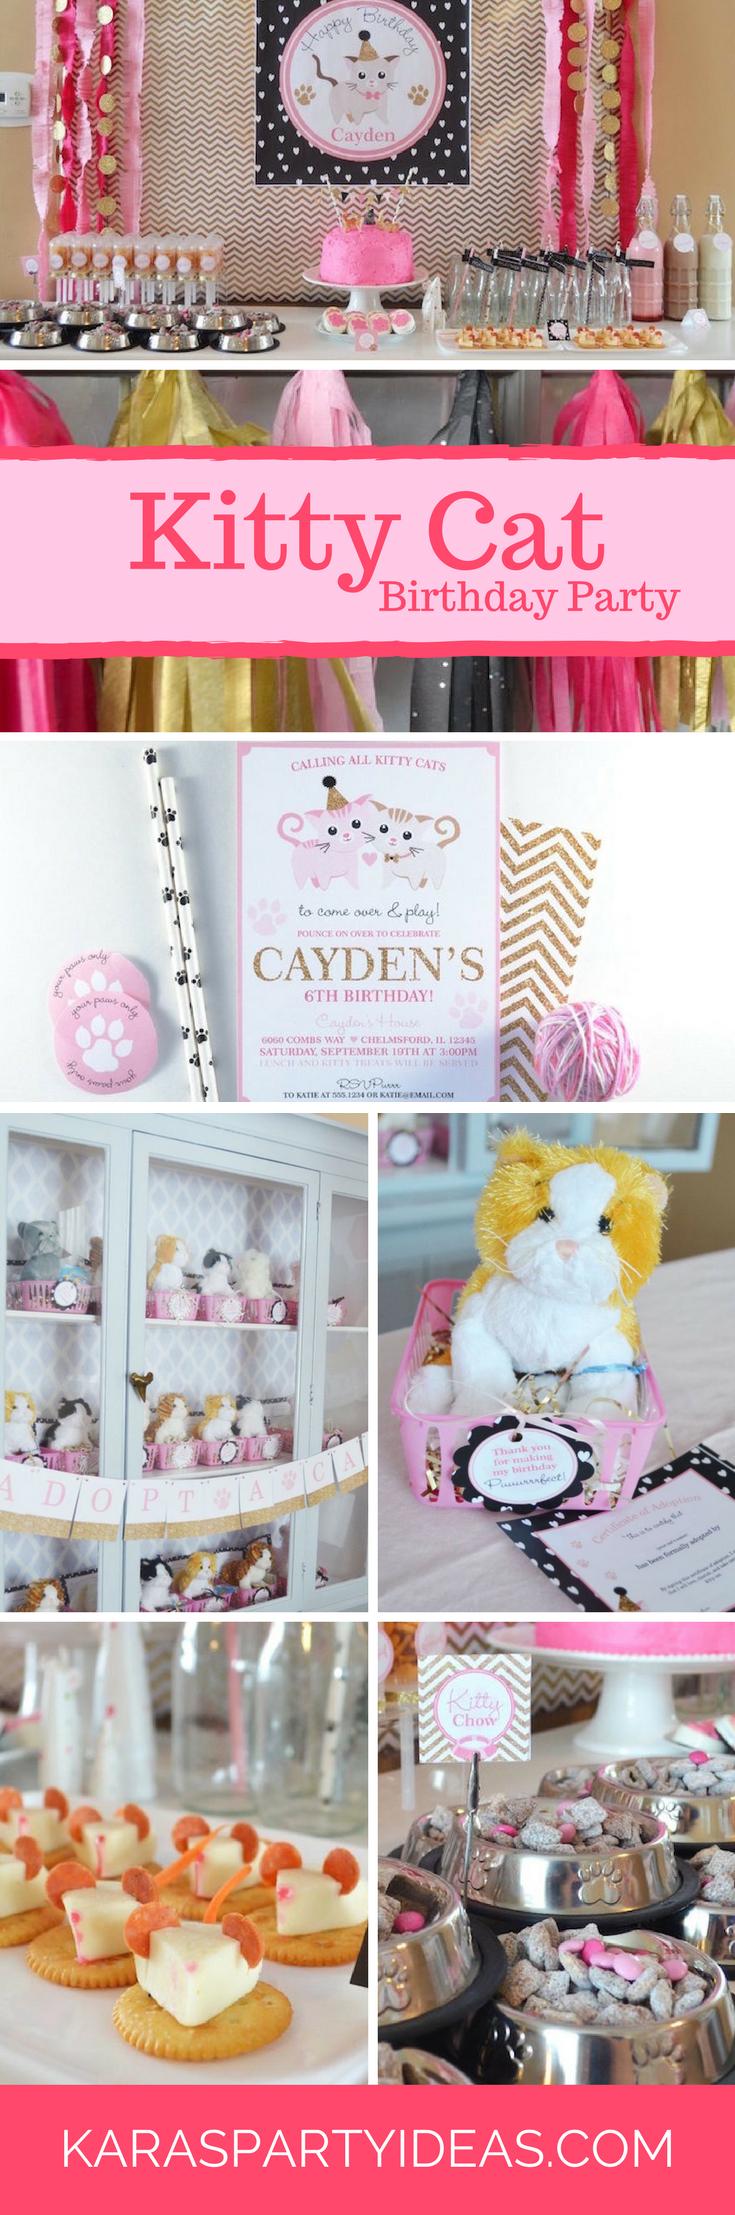 Kitty Cat Birthday Party via Kara's Party Ideas | KarasPartyIdeas.com